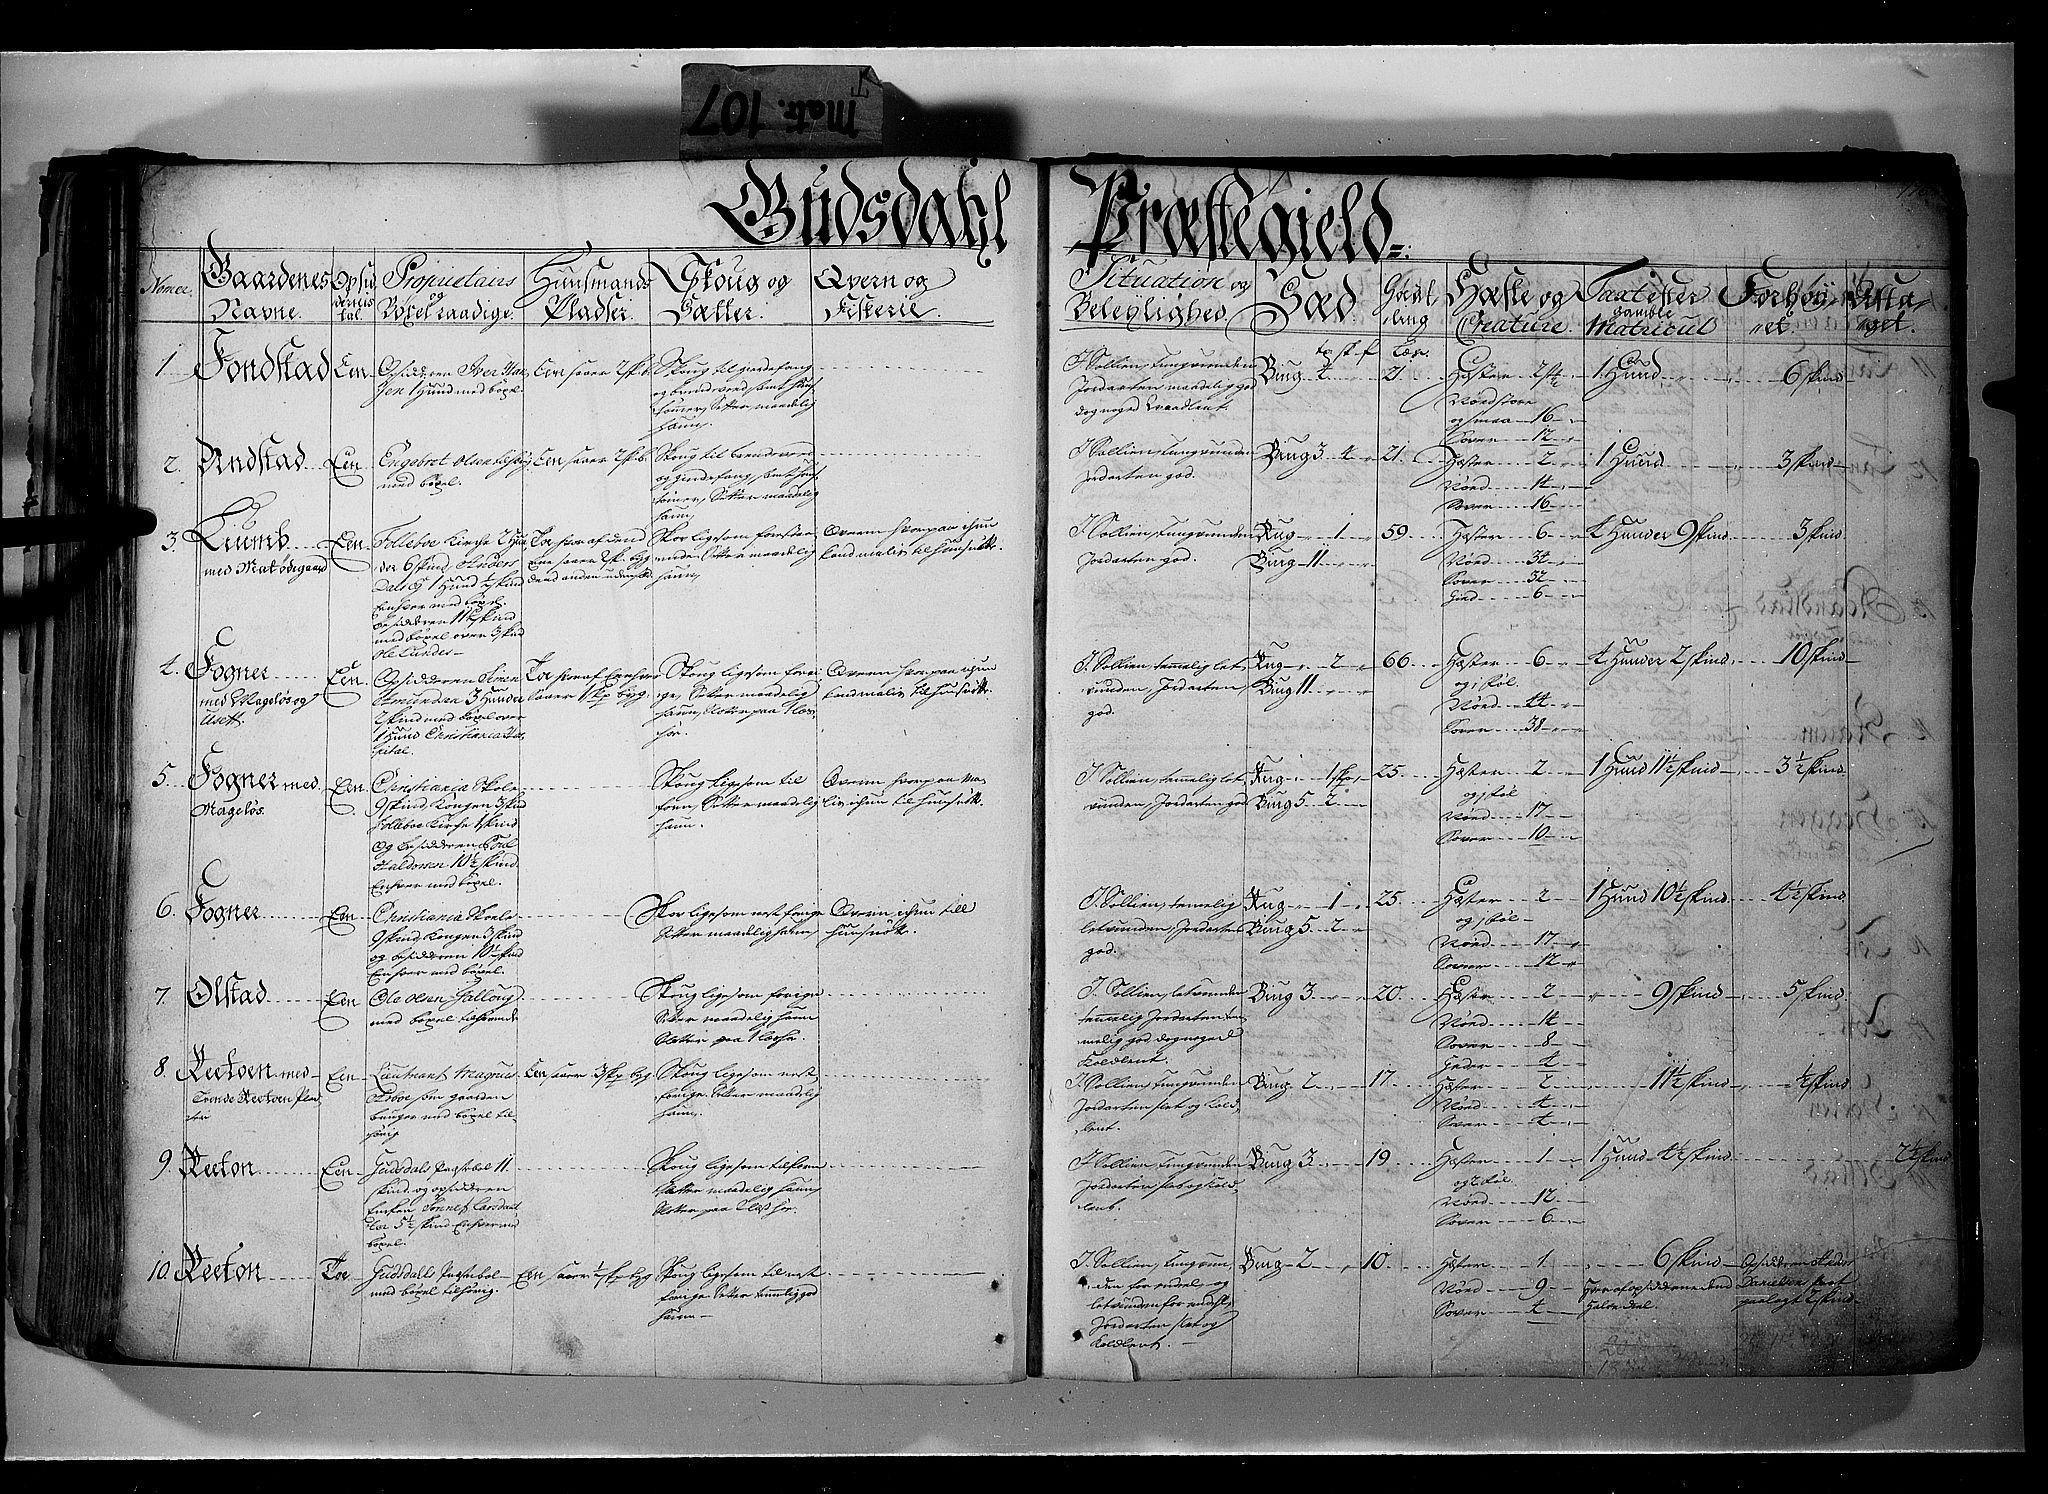 RA, Rentekammeret inntil 1814, Realistisk ordnet avdeling, N/Nb/Nbf/L0107: Gudbrandsdalen eksaminasjonsprotokoll, 1723, s. 175b-176a